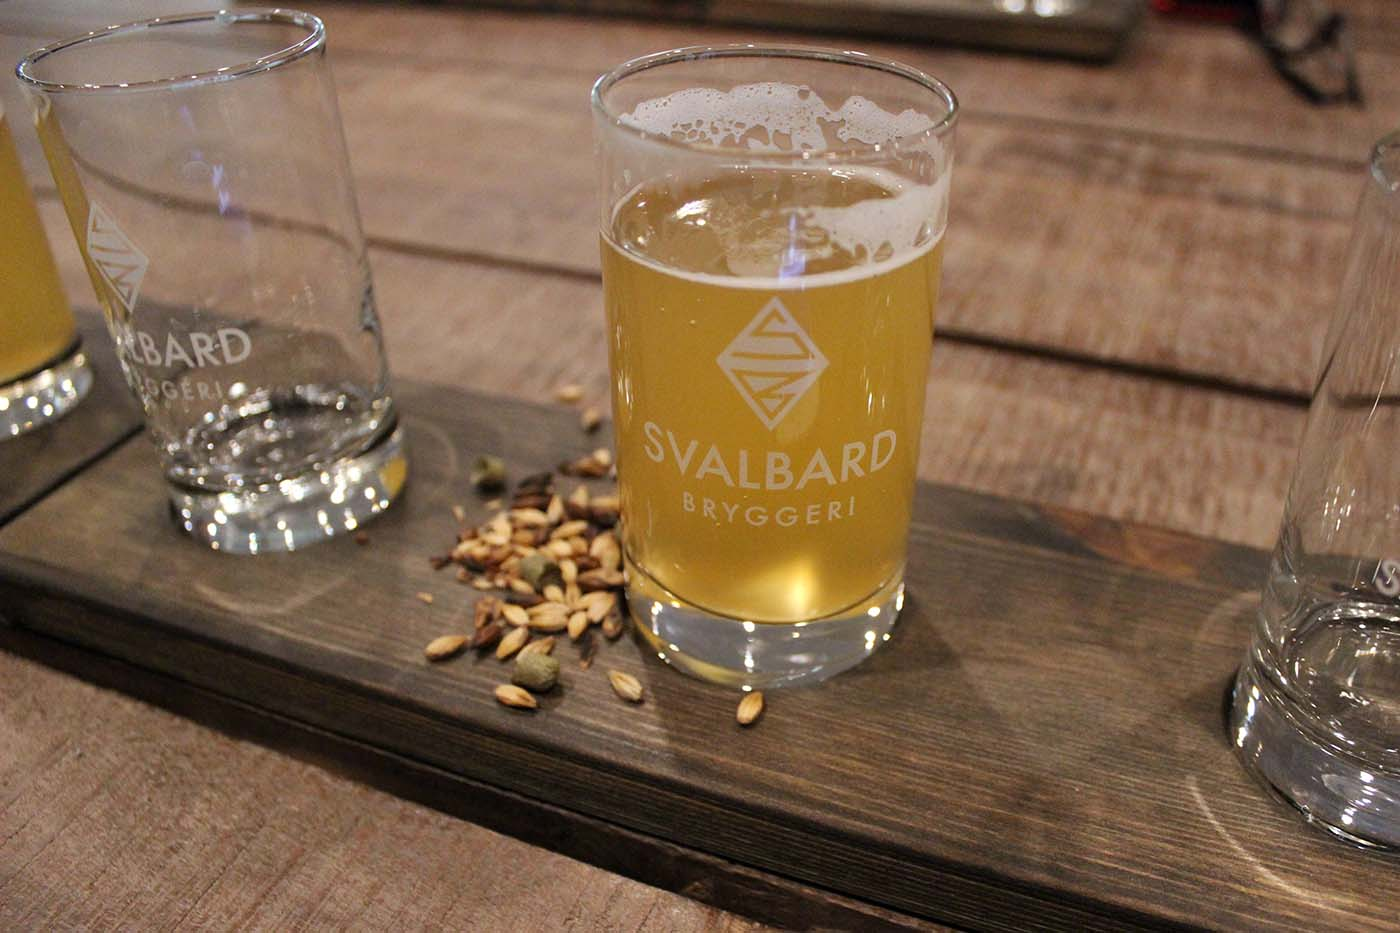 Svalbard Bryggeri - die nördlichste Brauerei der Welt